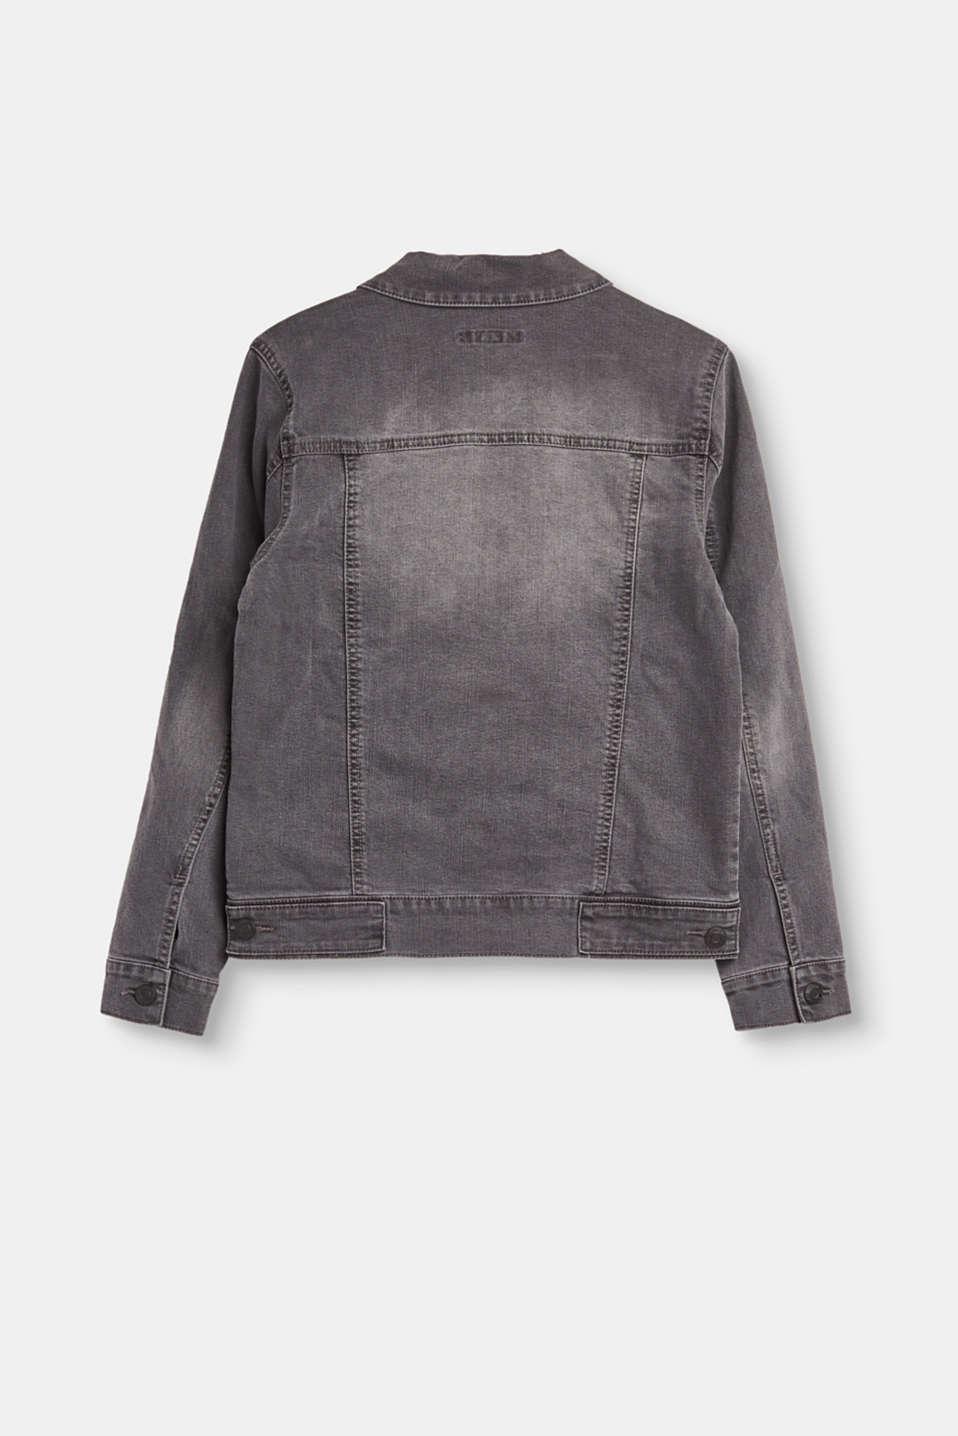 esprit graue jeans jacke mit washed effekten im online shop kaufen. Black Bedroom Furniture Sets. Home Design Ideas